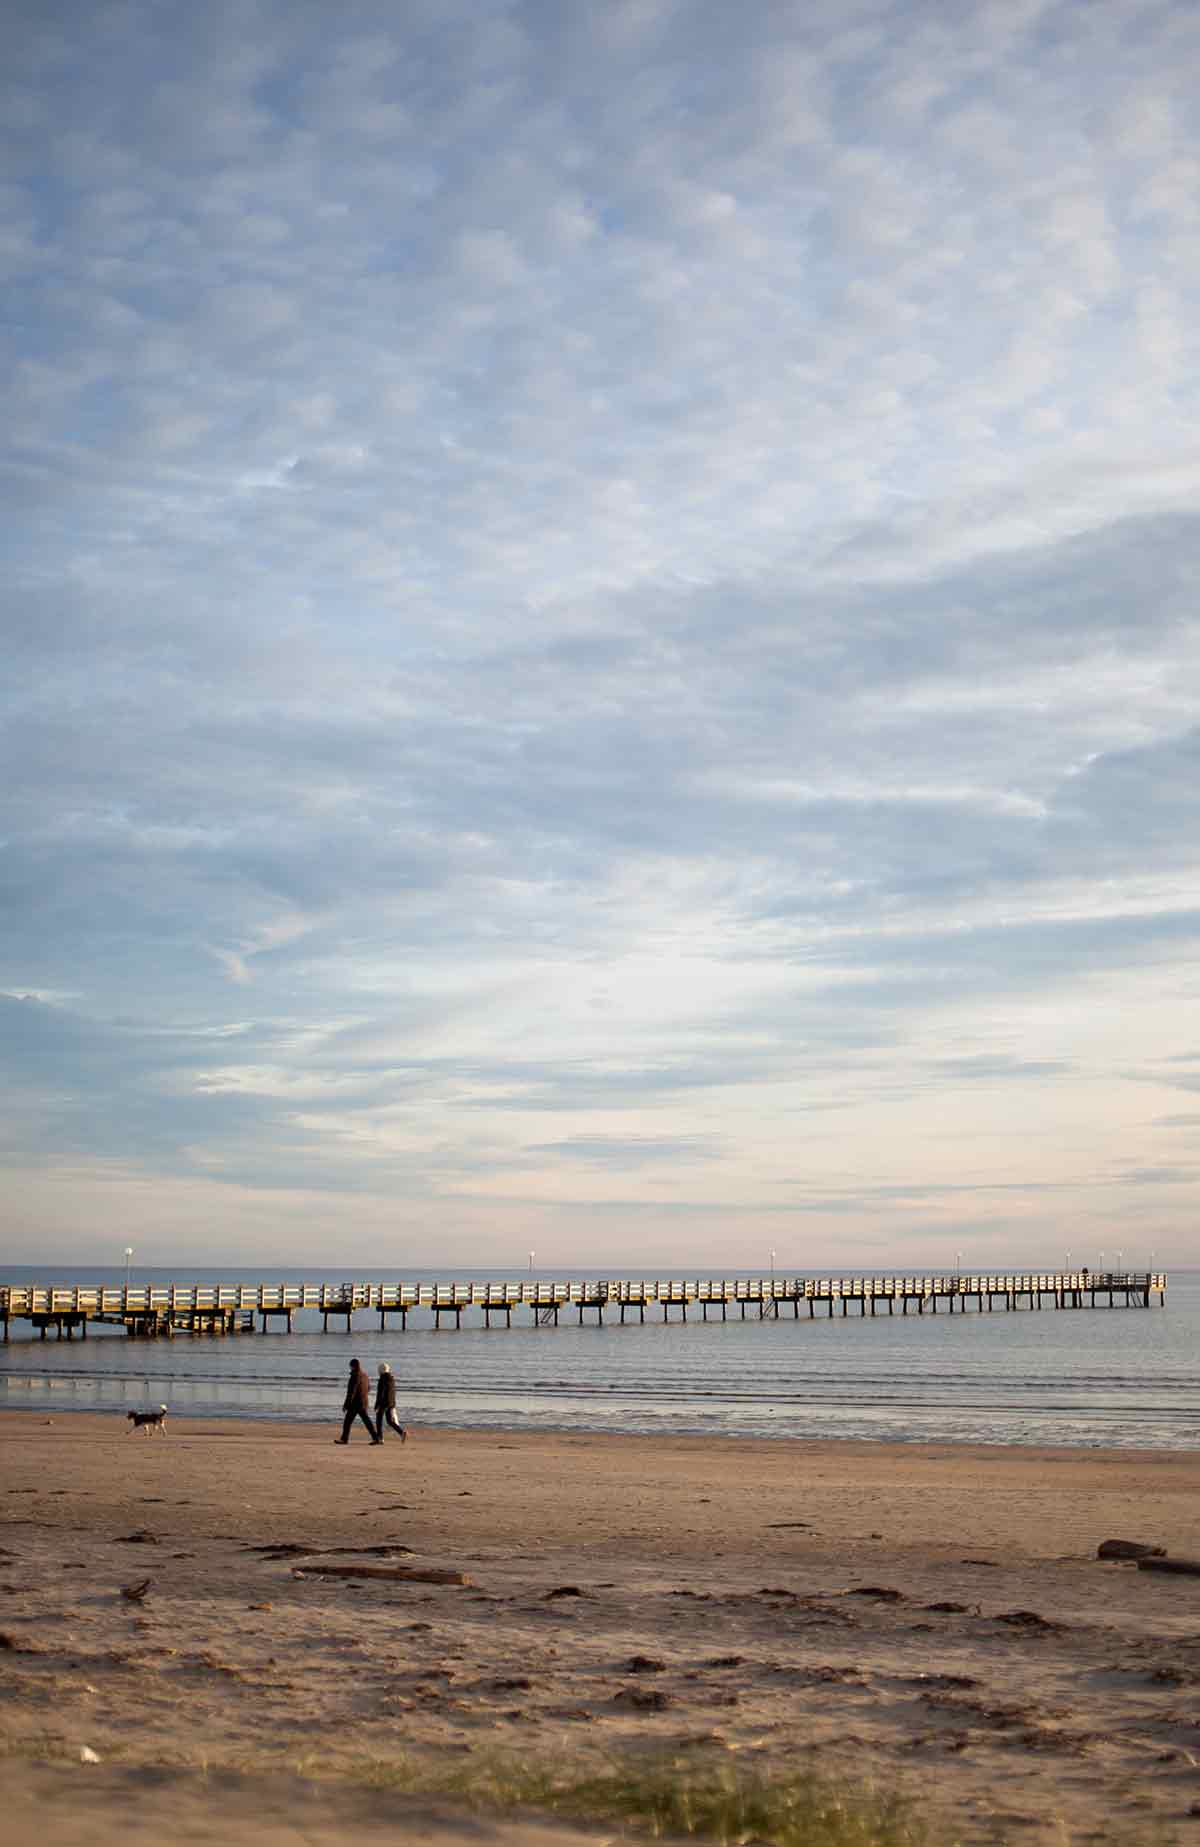 Uppleva vackra Skrea strand när du bor på Falkenberg Strandbad